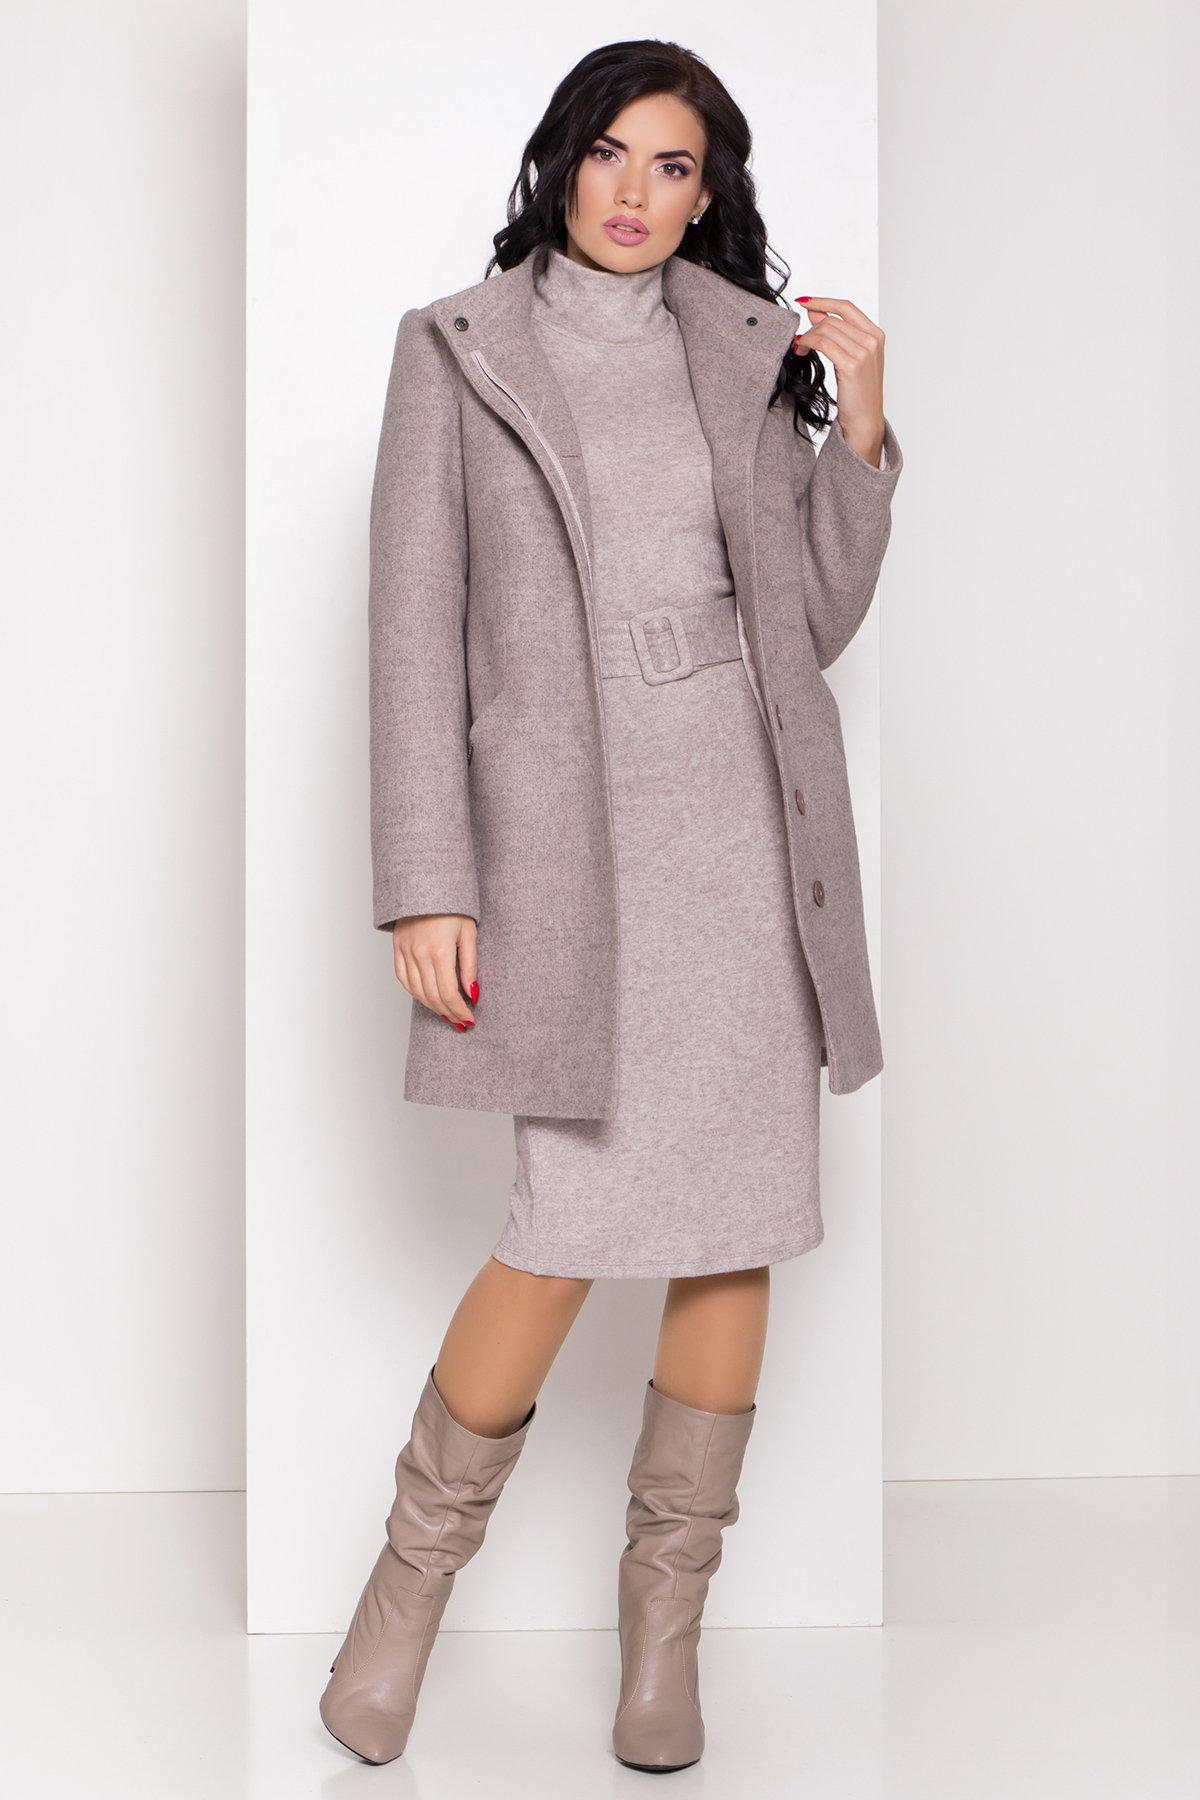 Зимнее пальто с круговым шарфом  Сплит 8406 АРТ. 44632 Цвет: Бежевый 31 - фото 1, интернет магазин tm-modus.ru